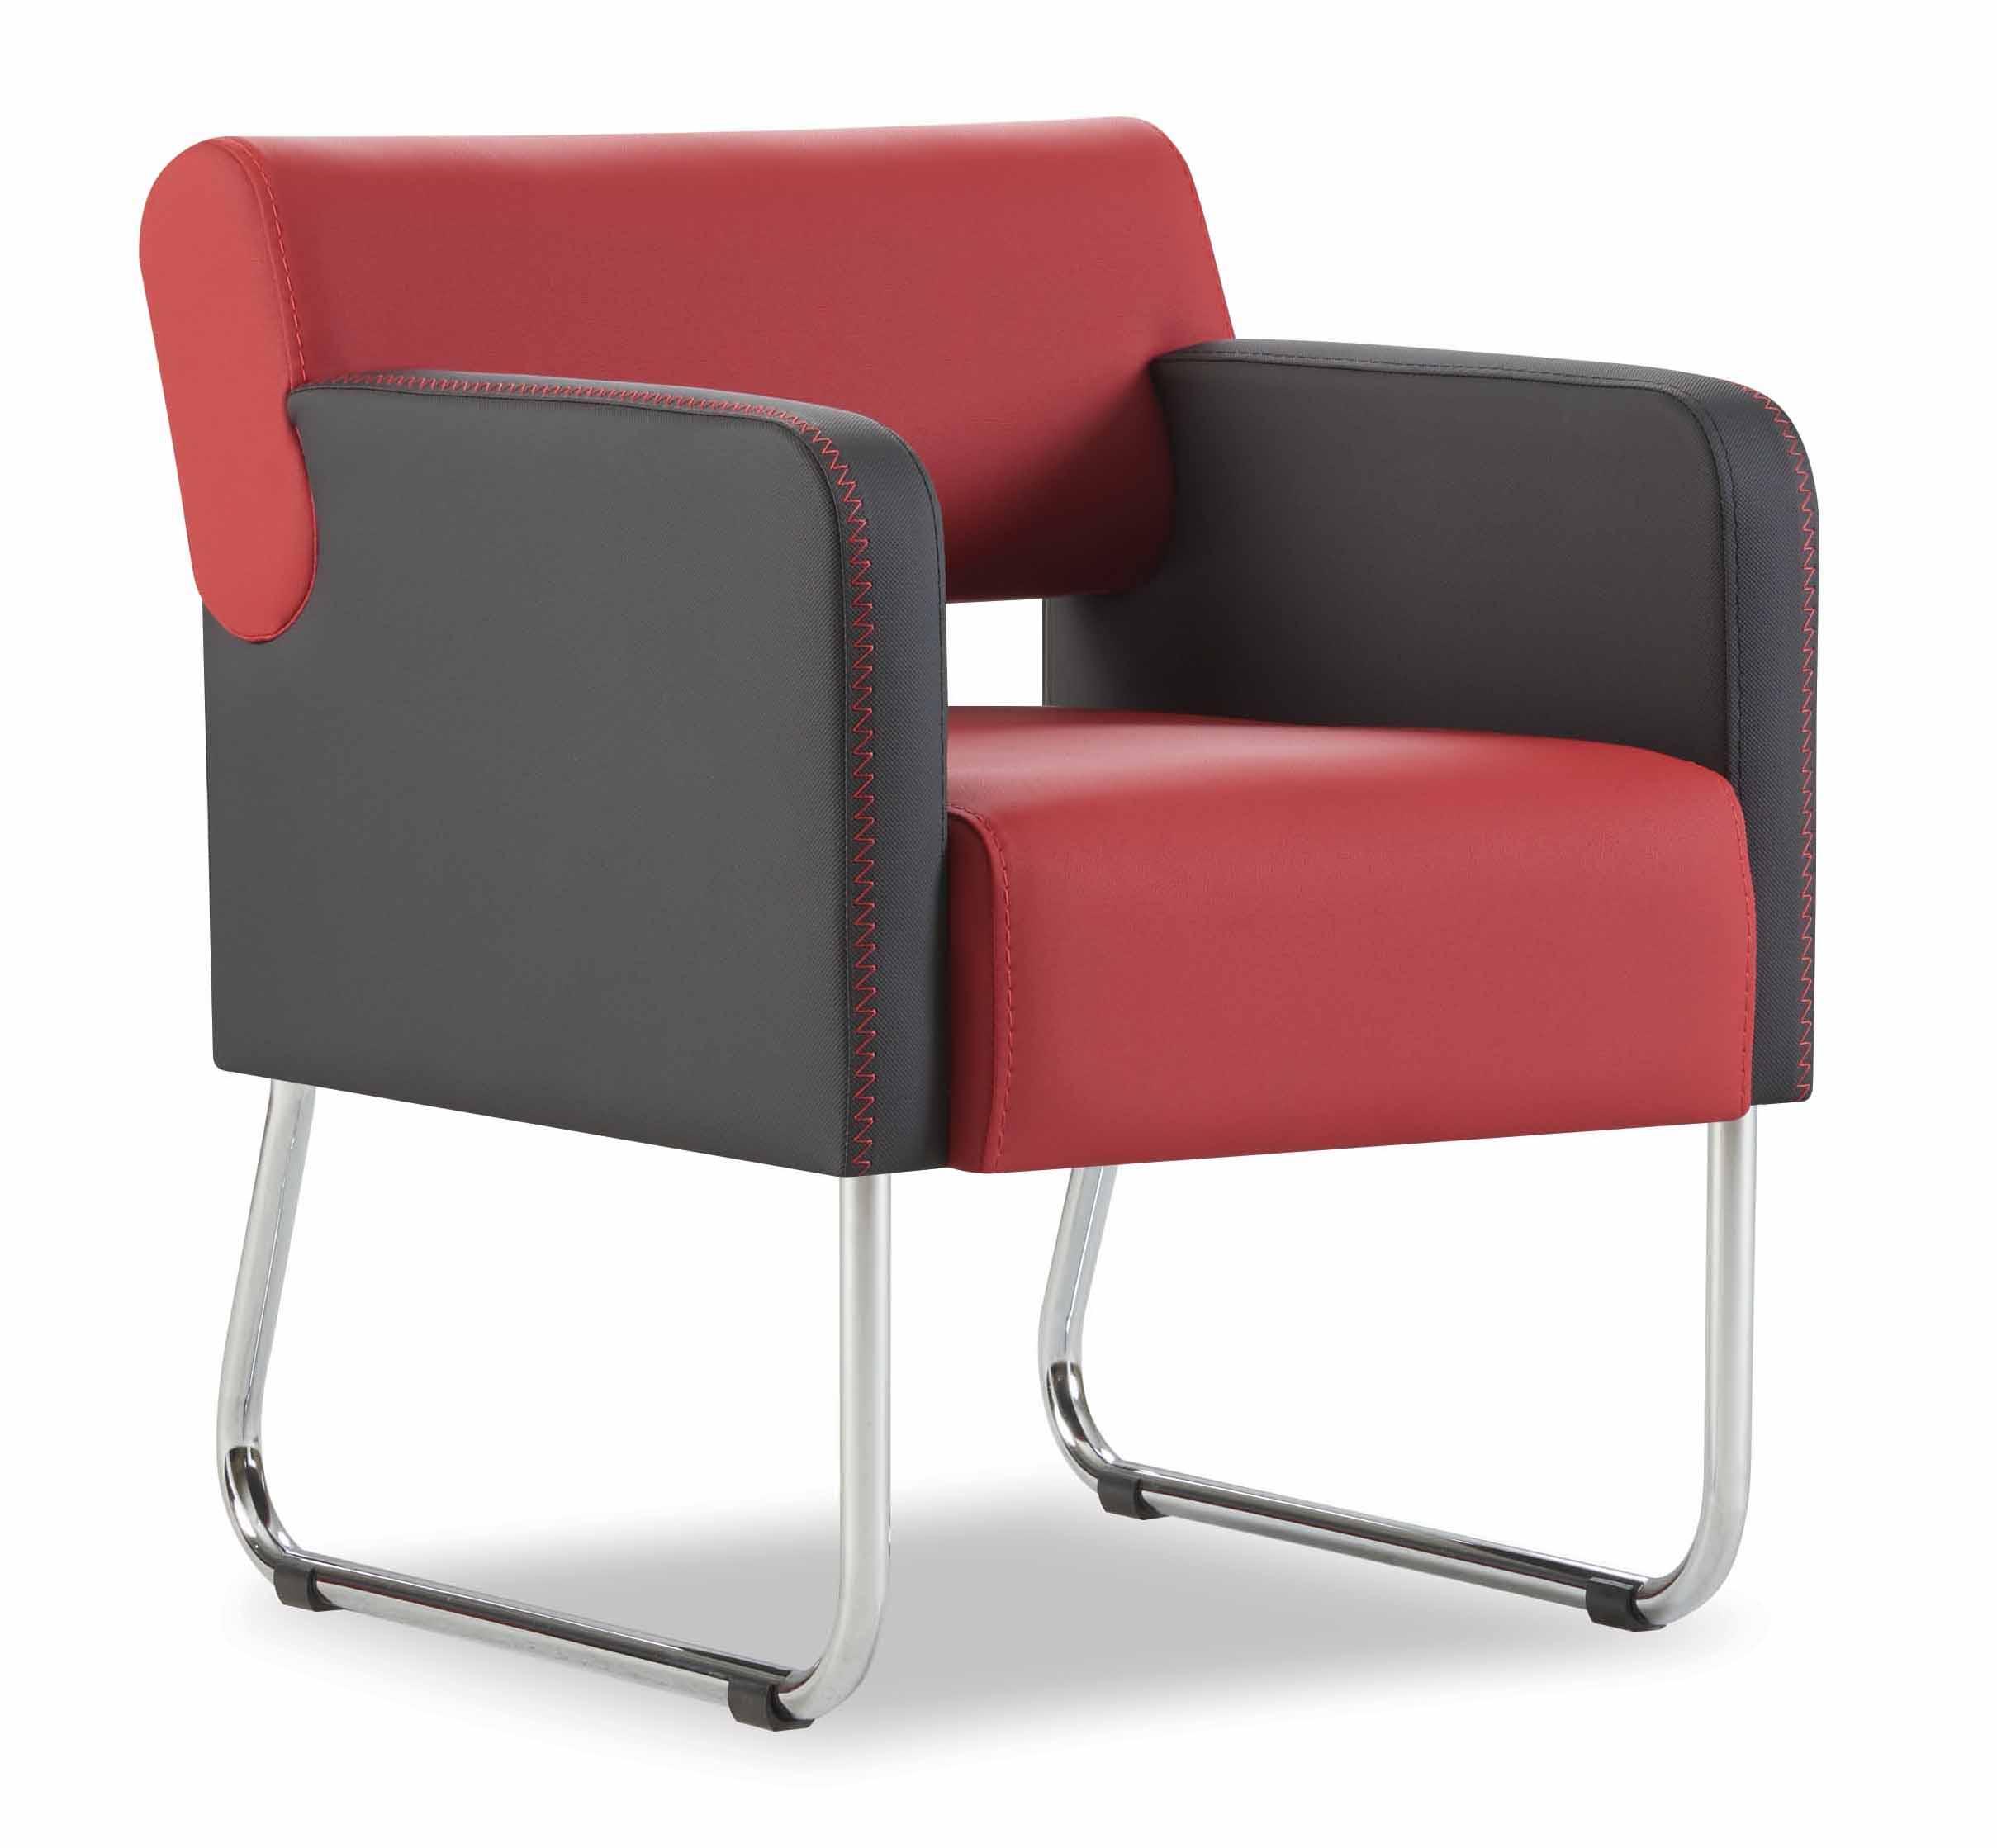 star sitzgruppe aus sofa und 2 sesseln in bordeaux schwarz m bel star. Black Bedroom Furniture Sets. Home Design Ideas